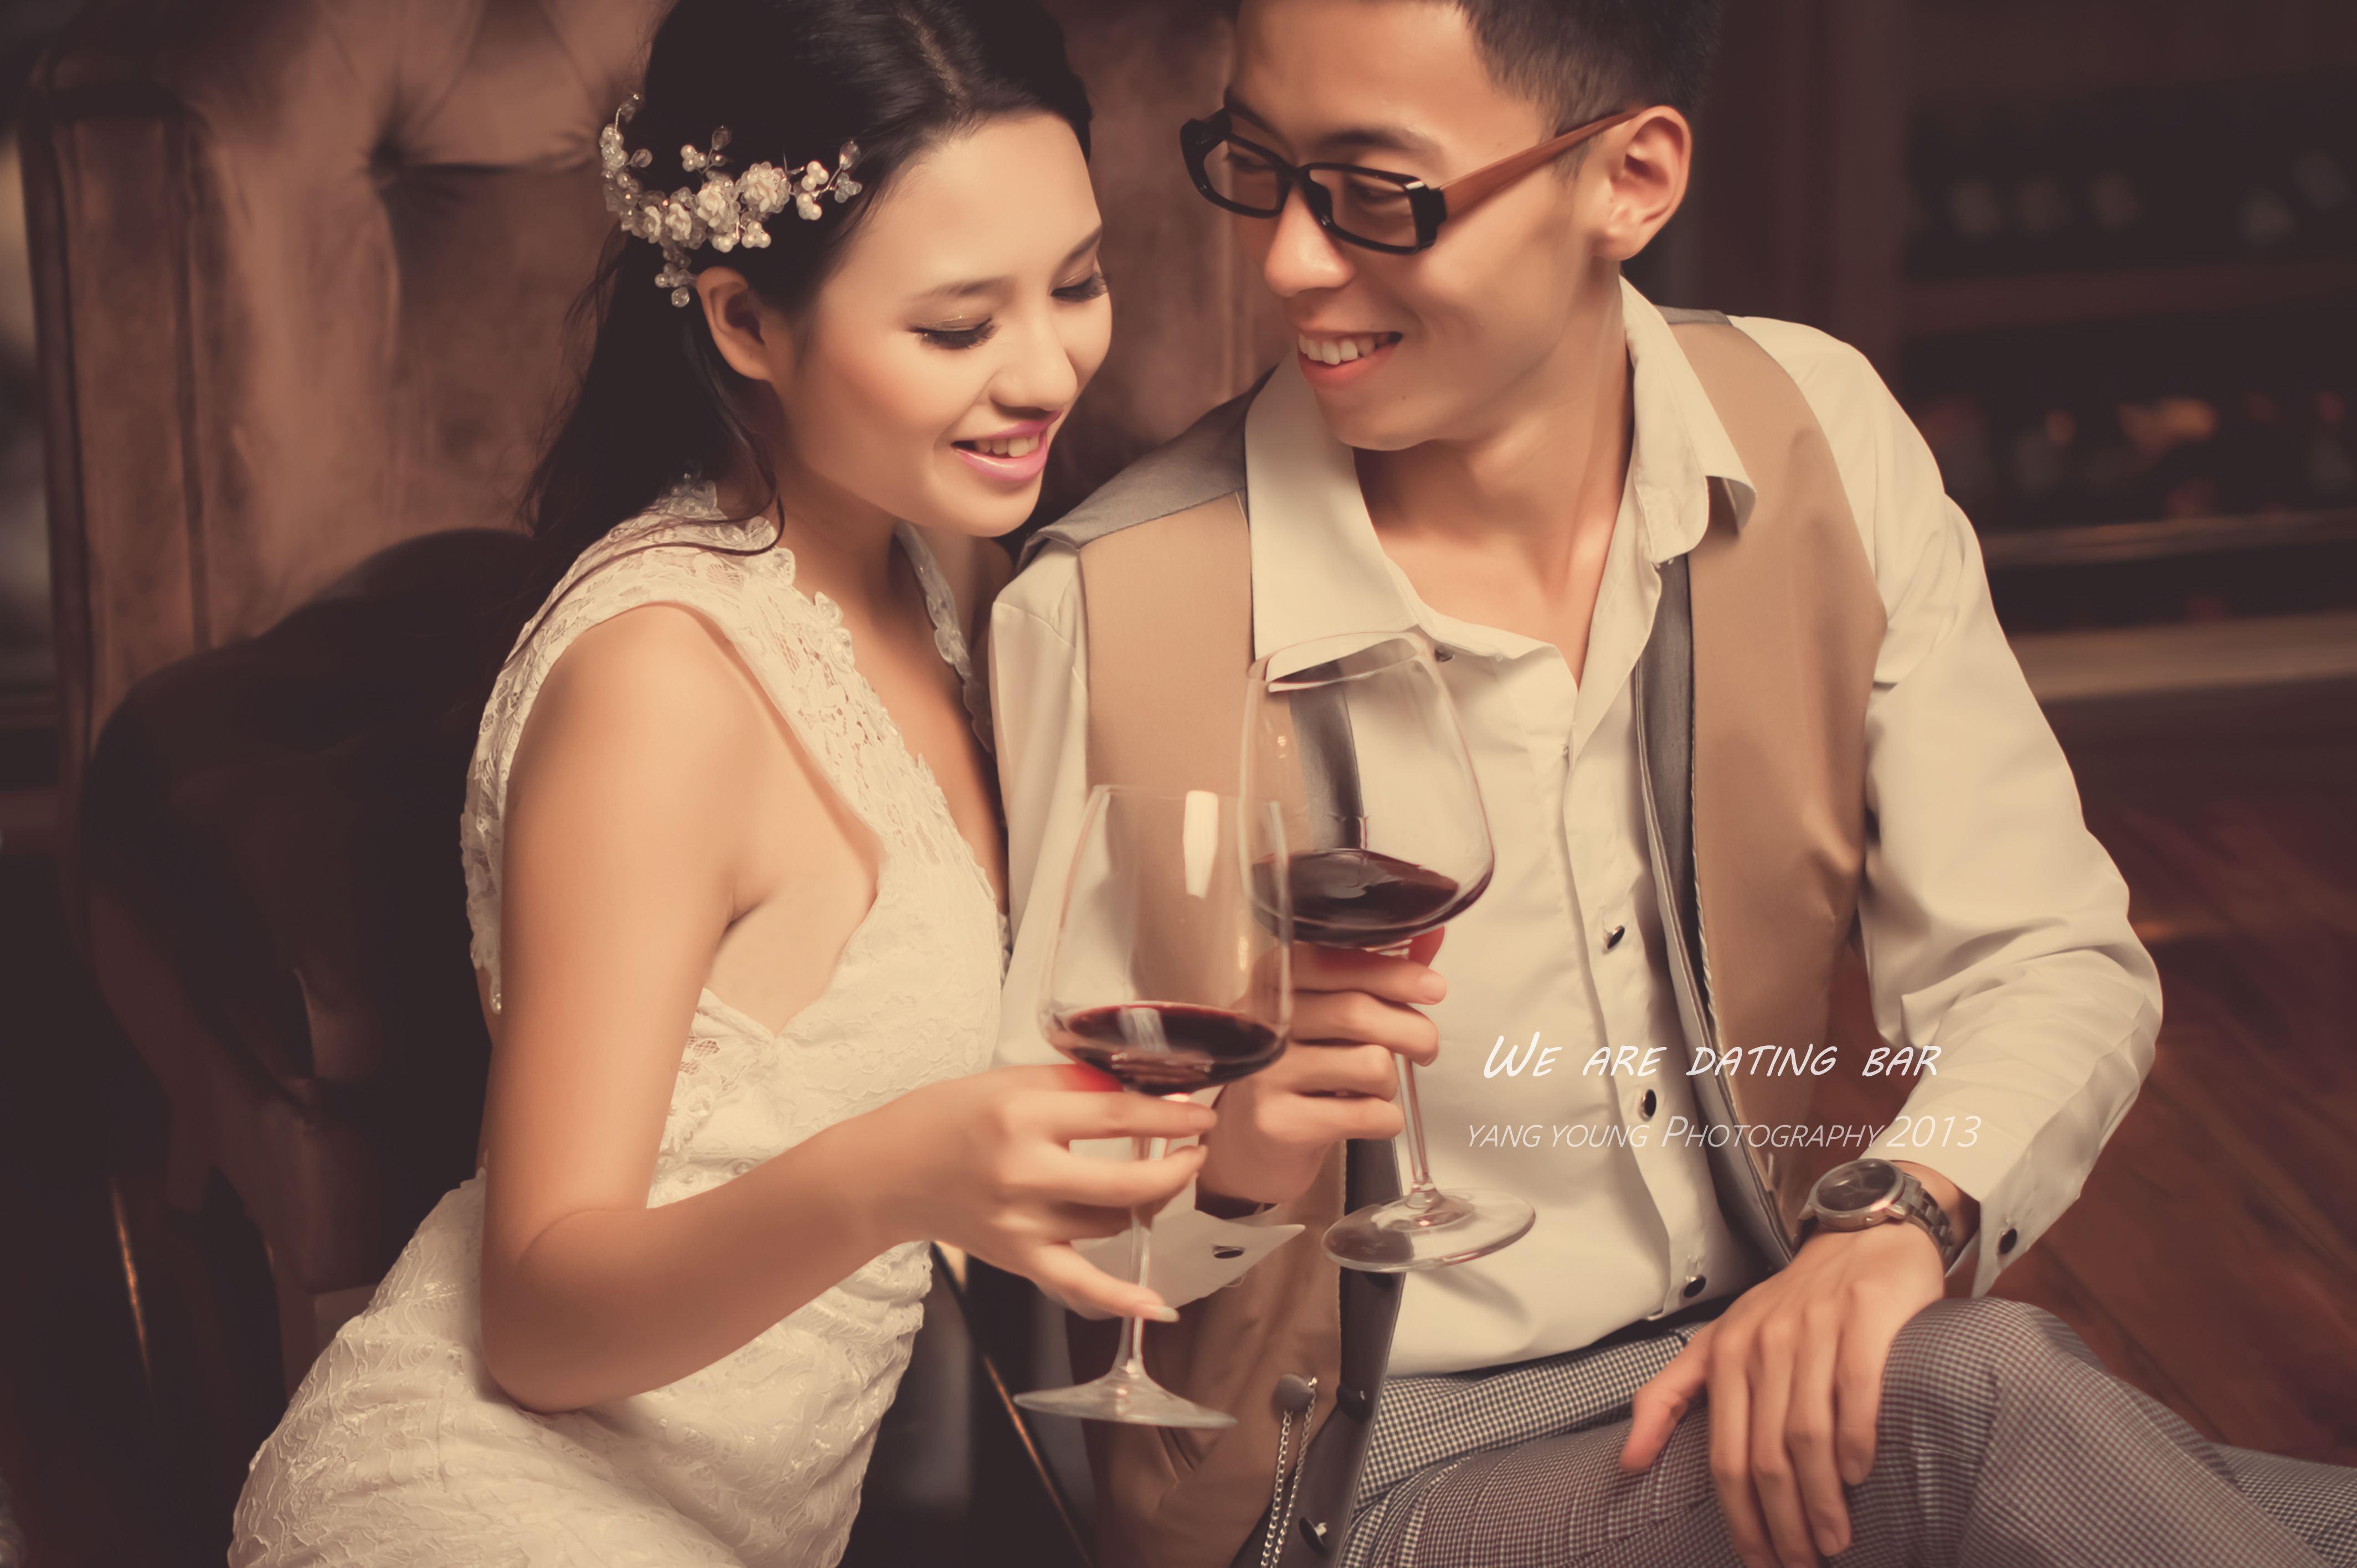 男女第一次约会怎么聊